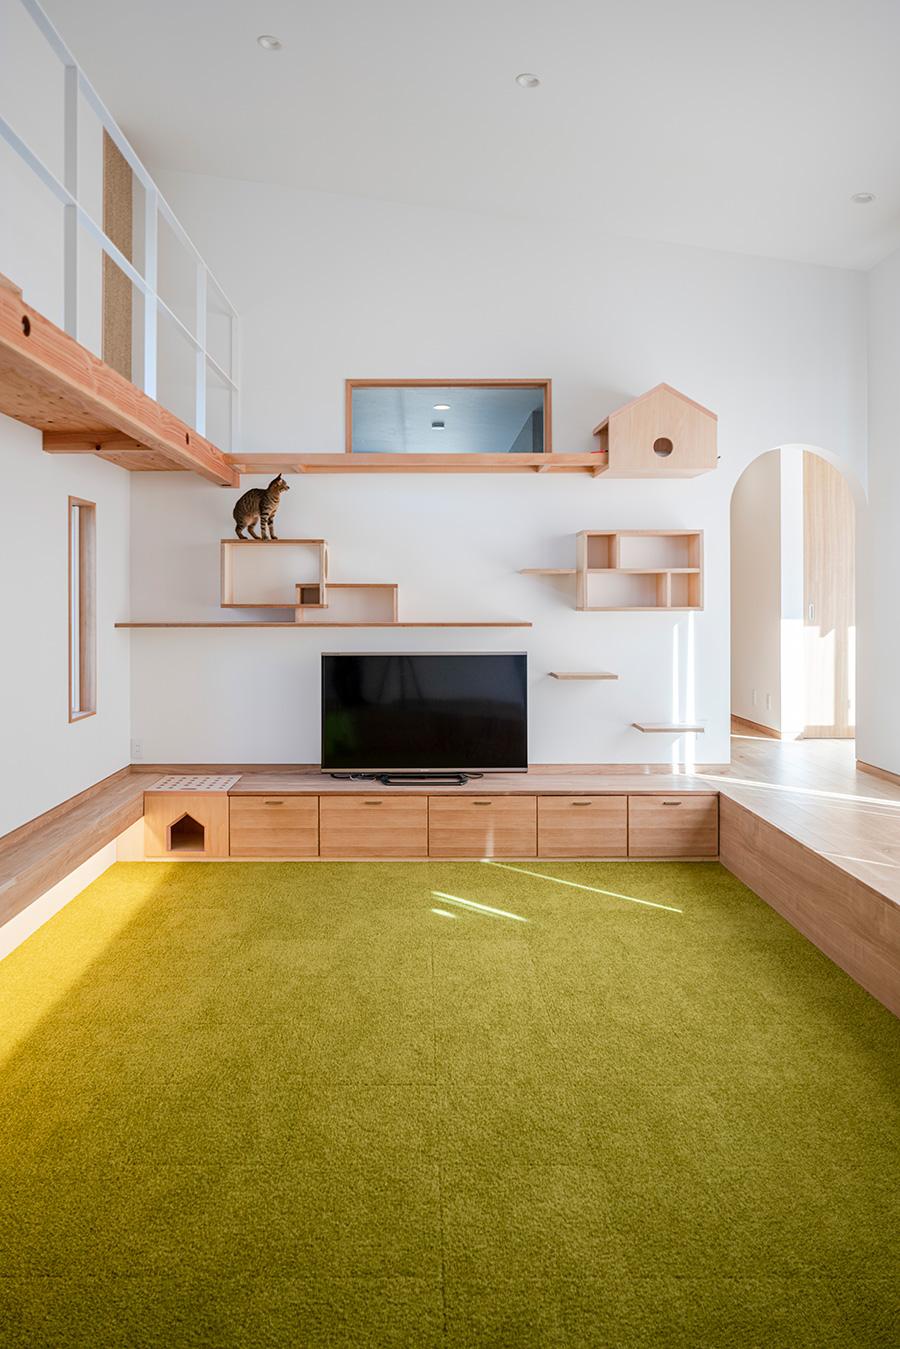 猫好き建築家が提案人もペットも幸せになる猫と暮らすアイデア Tokosie ー トコシエ 猫と暮らす マイホーム 間取り ねこ インテリア